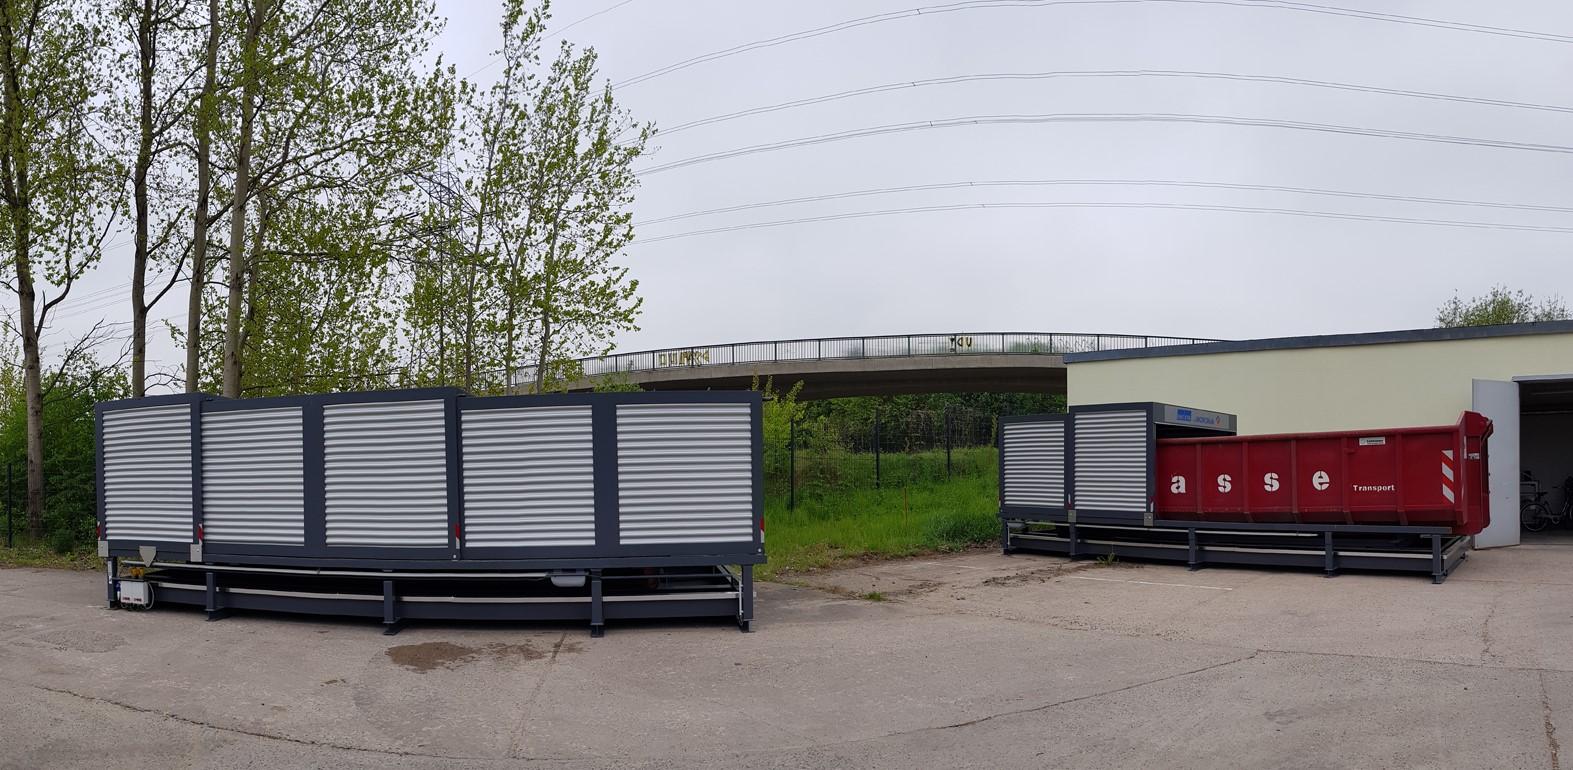 Abrollcontainer WHG konform im Containerstellplatz (39)